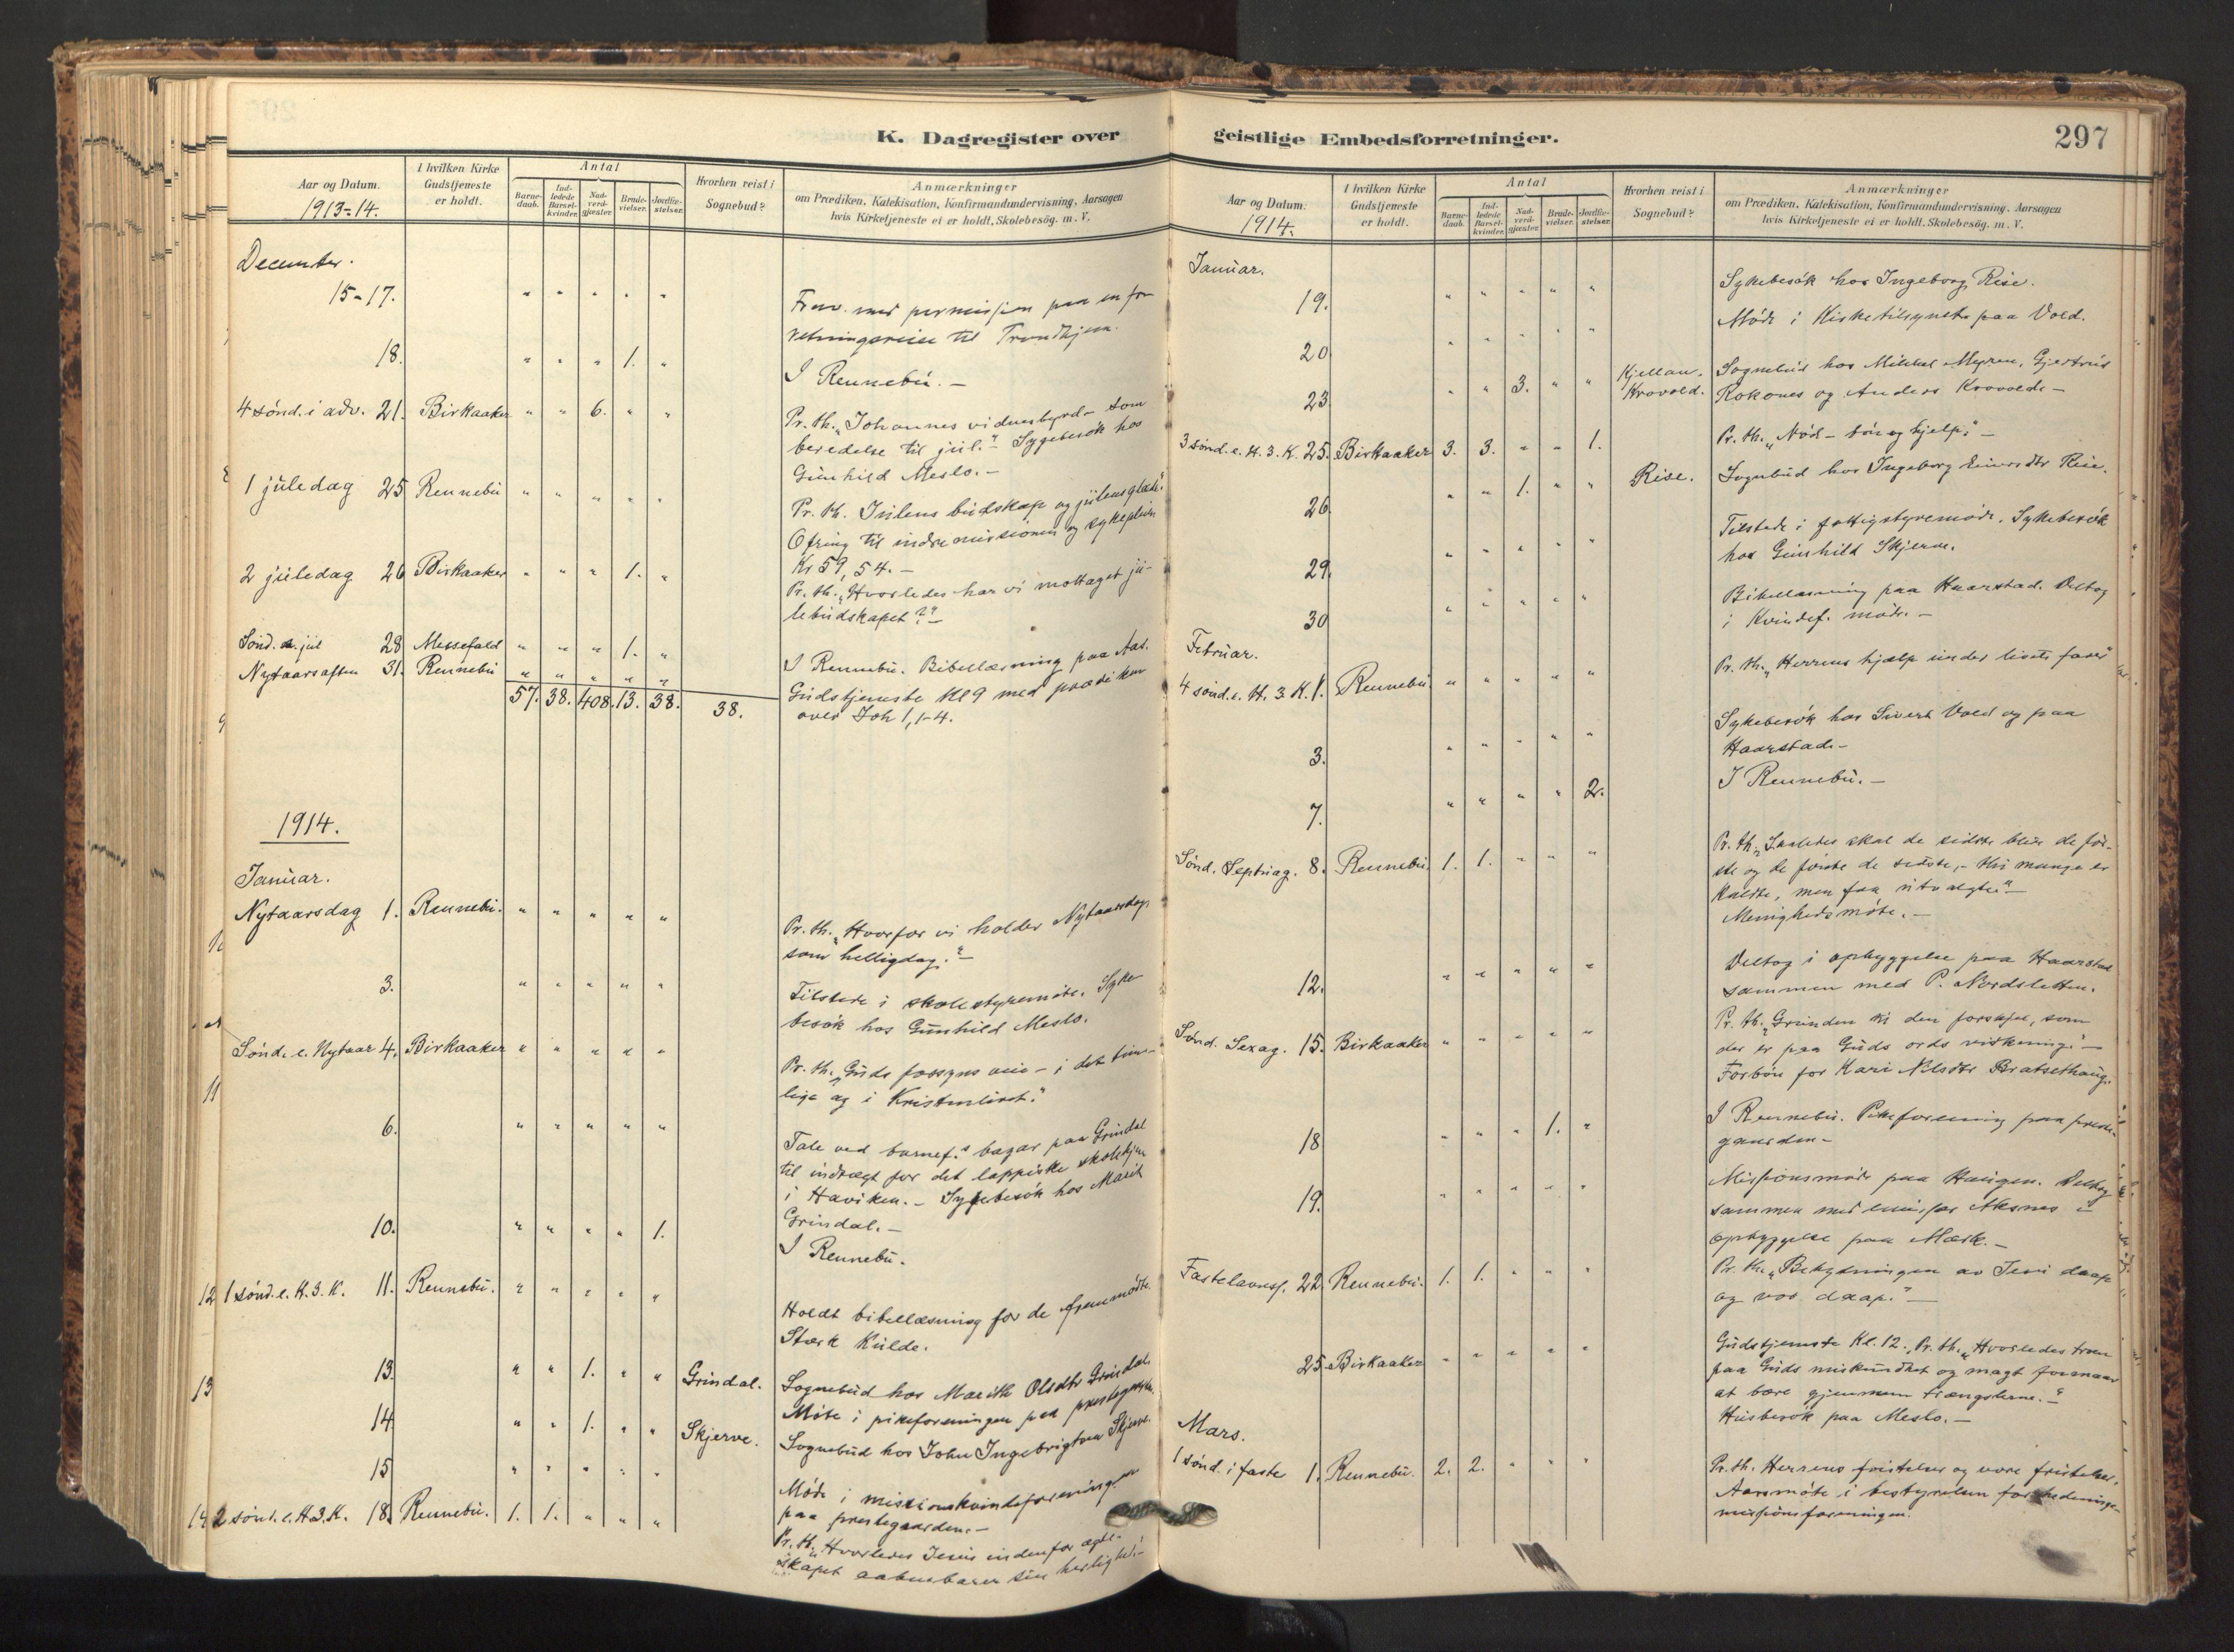 SAT, Ministerialprotokoller, klokkerbøker og fødselsregistre - Sør-Trøndelag, 674/L0873: Ministerialbok nr. 674A05, 1908-1923, s. 297